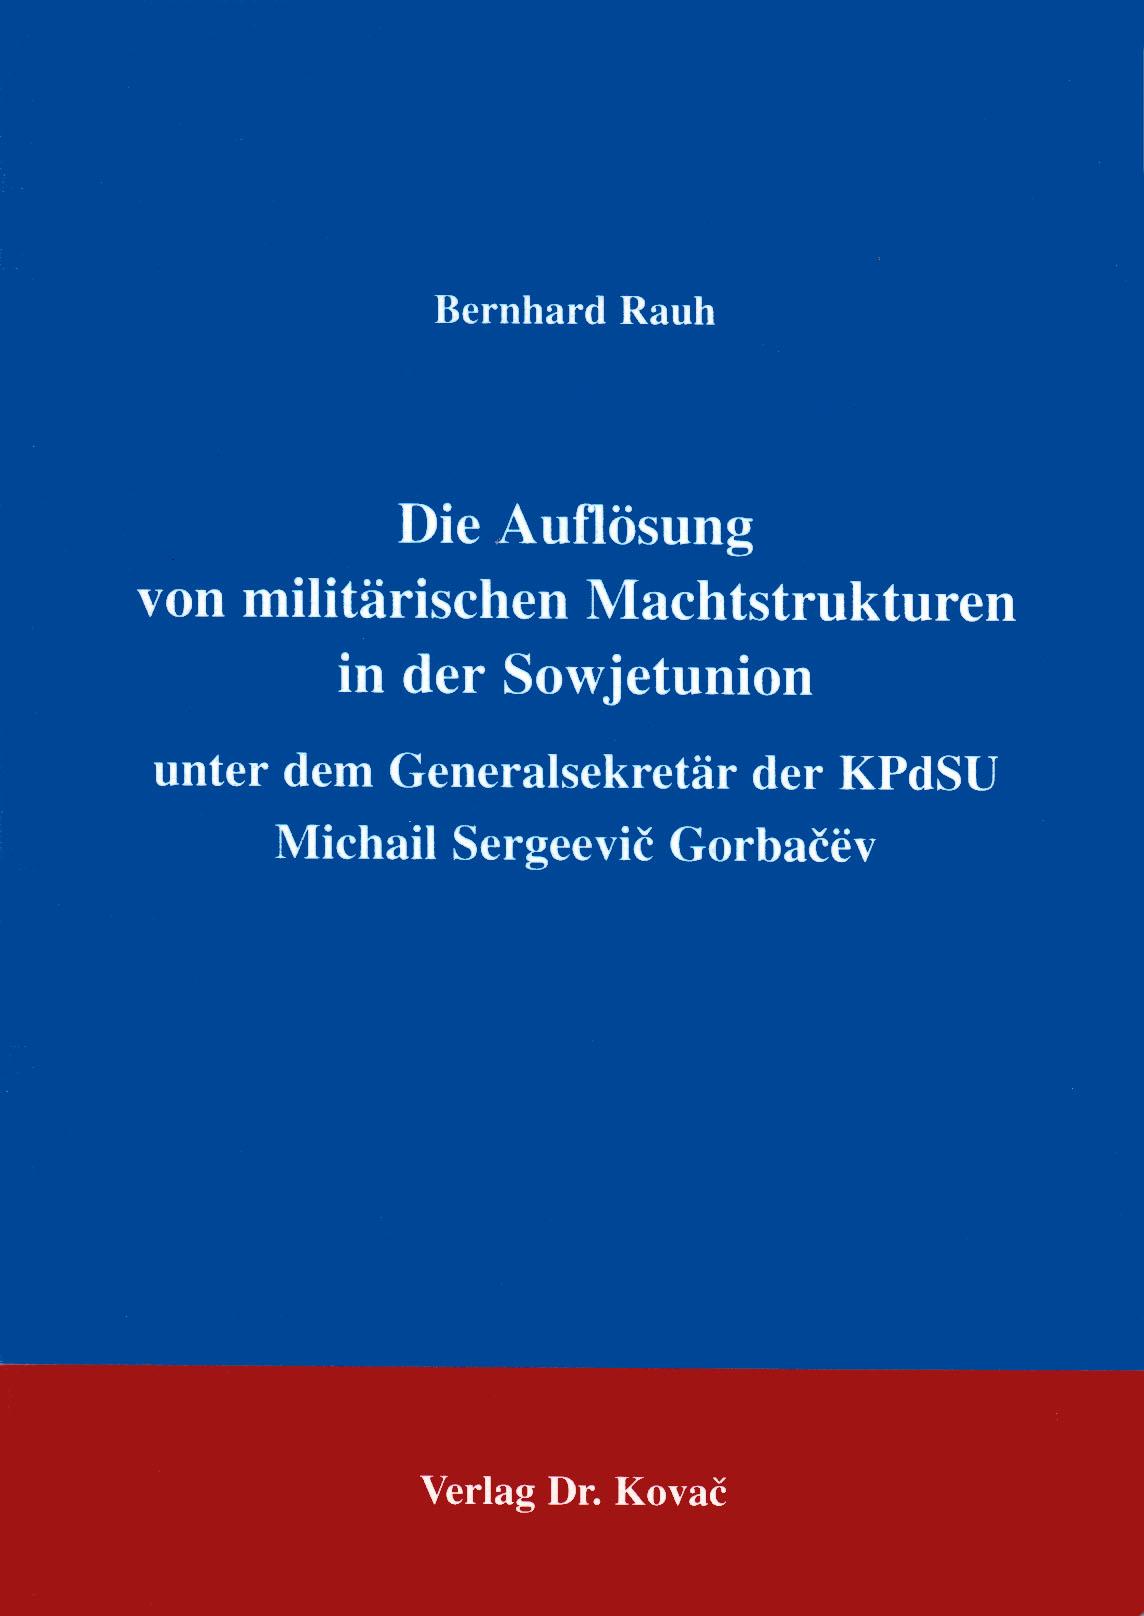 Cover: Die Auflösung von militärischen Machtstrukturen in der Sowjetunion unter dem Generalsekretär der KPdSU Michail Sergeevic Gorbačev